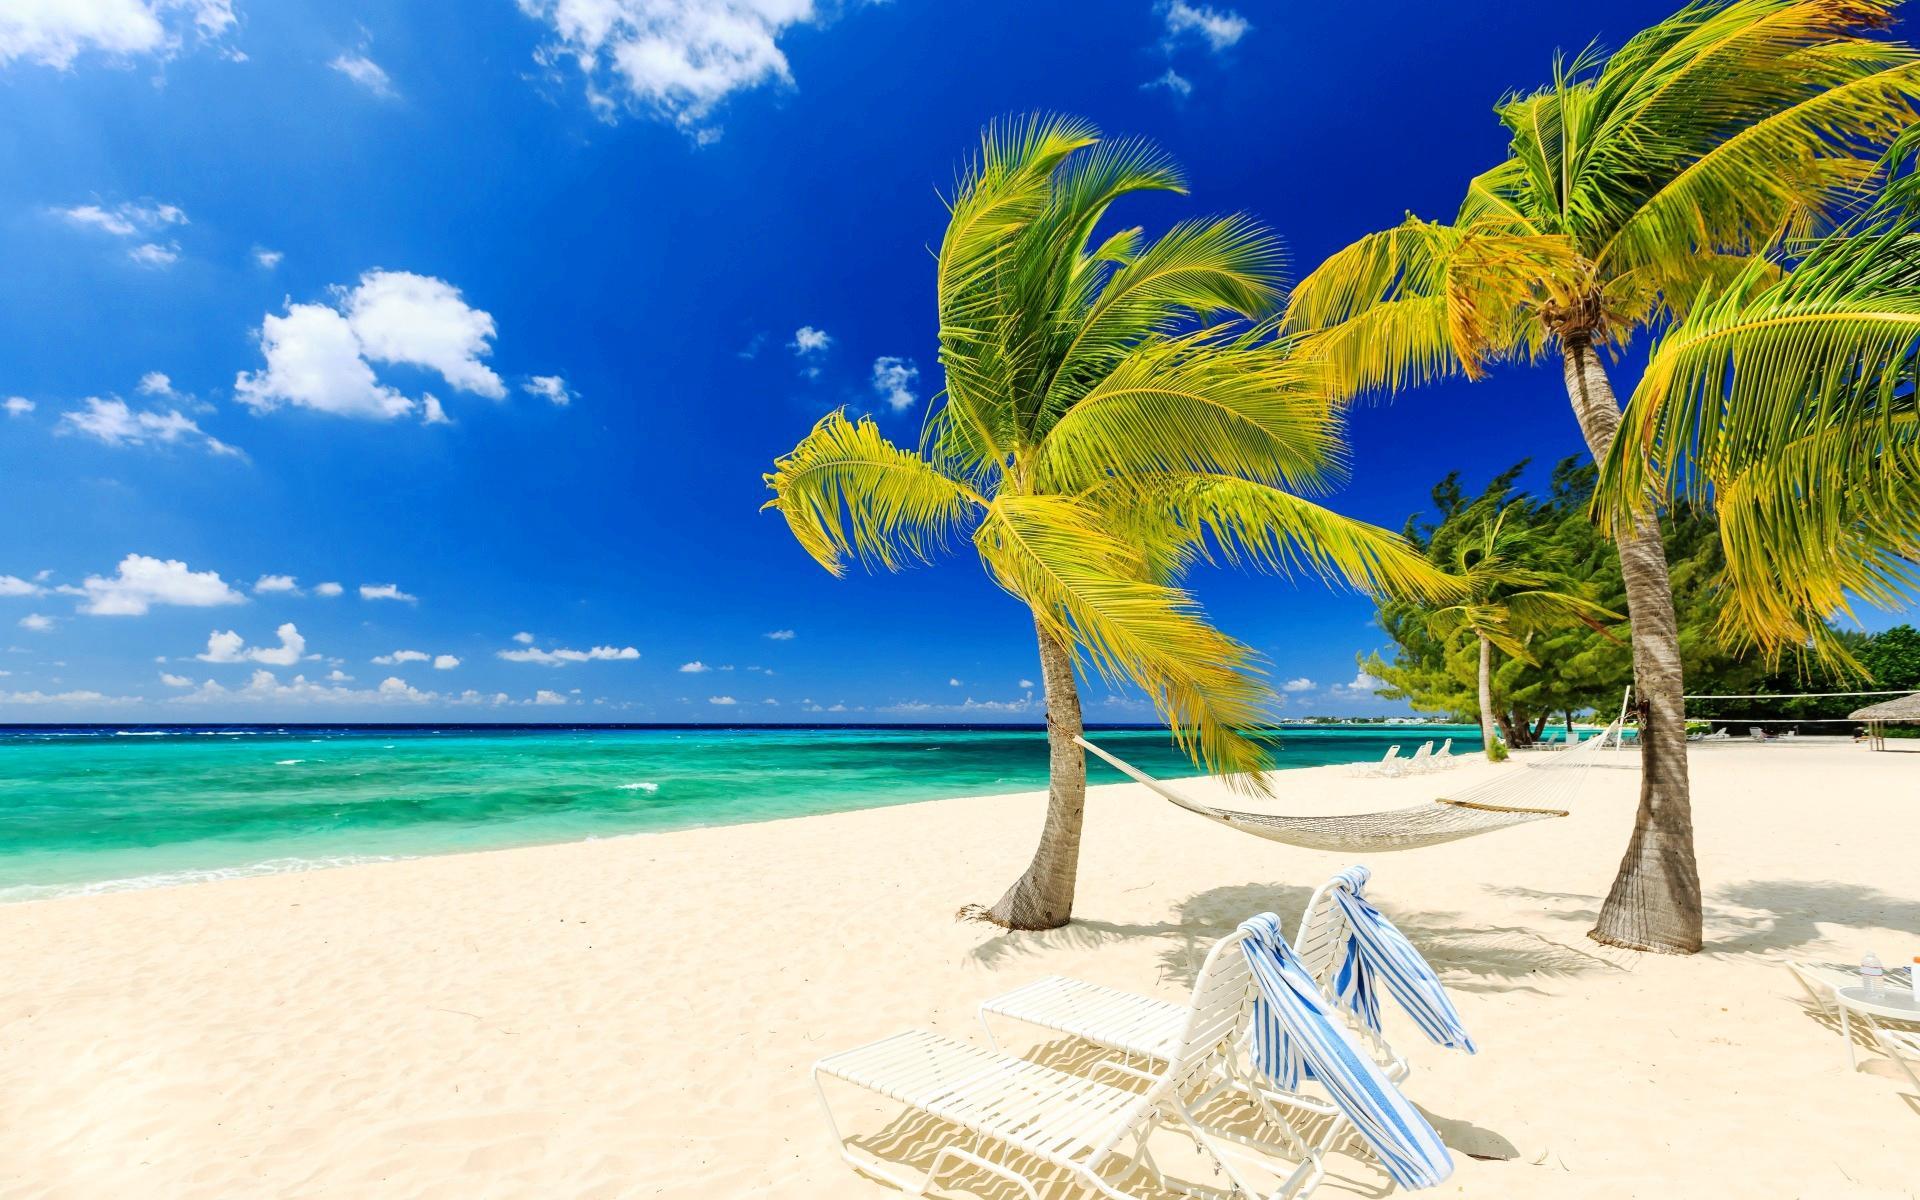 обои море, пальмы, пляж, пейзаж картинки фото